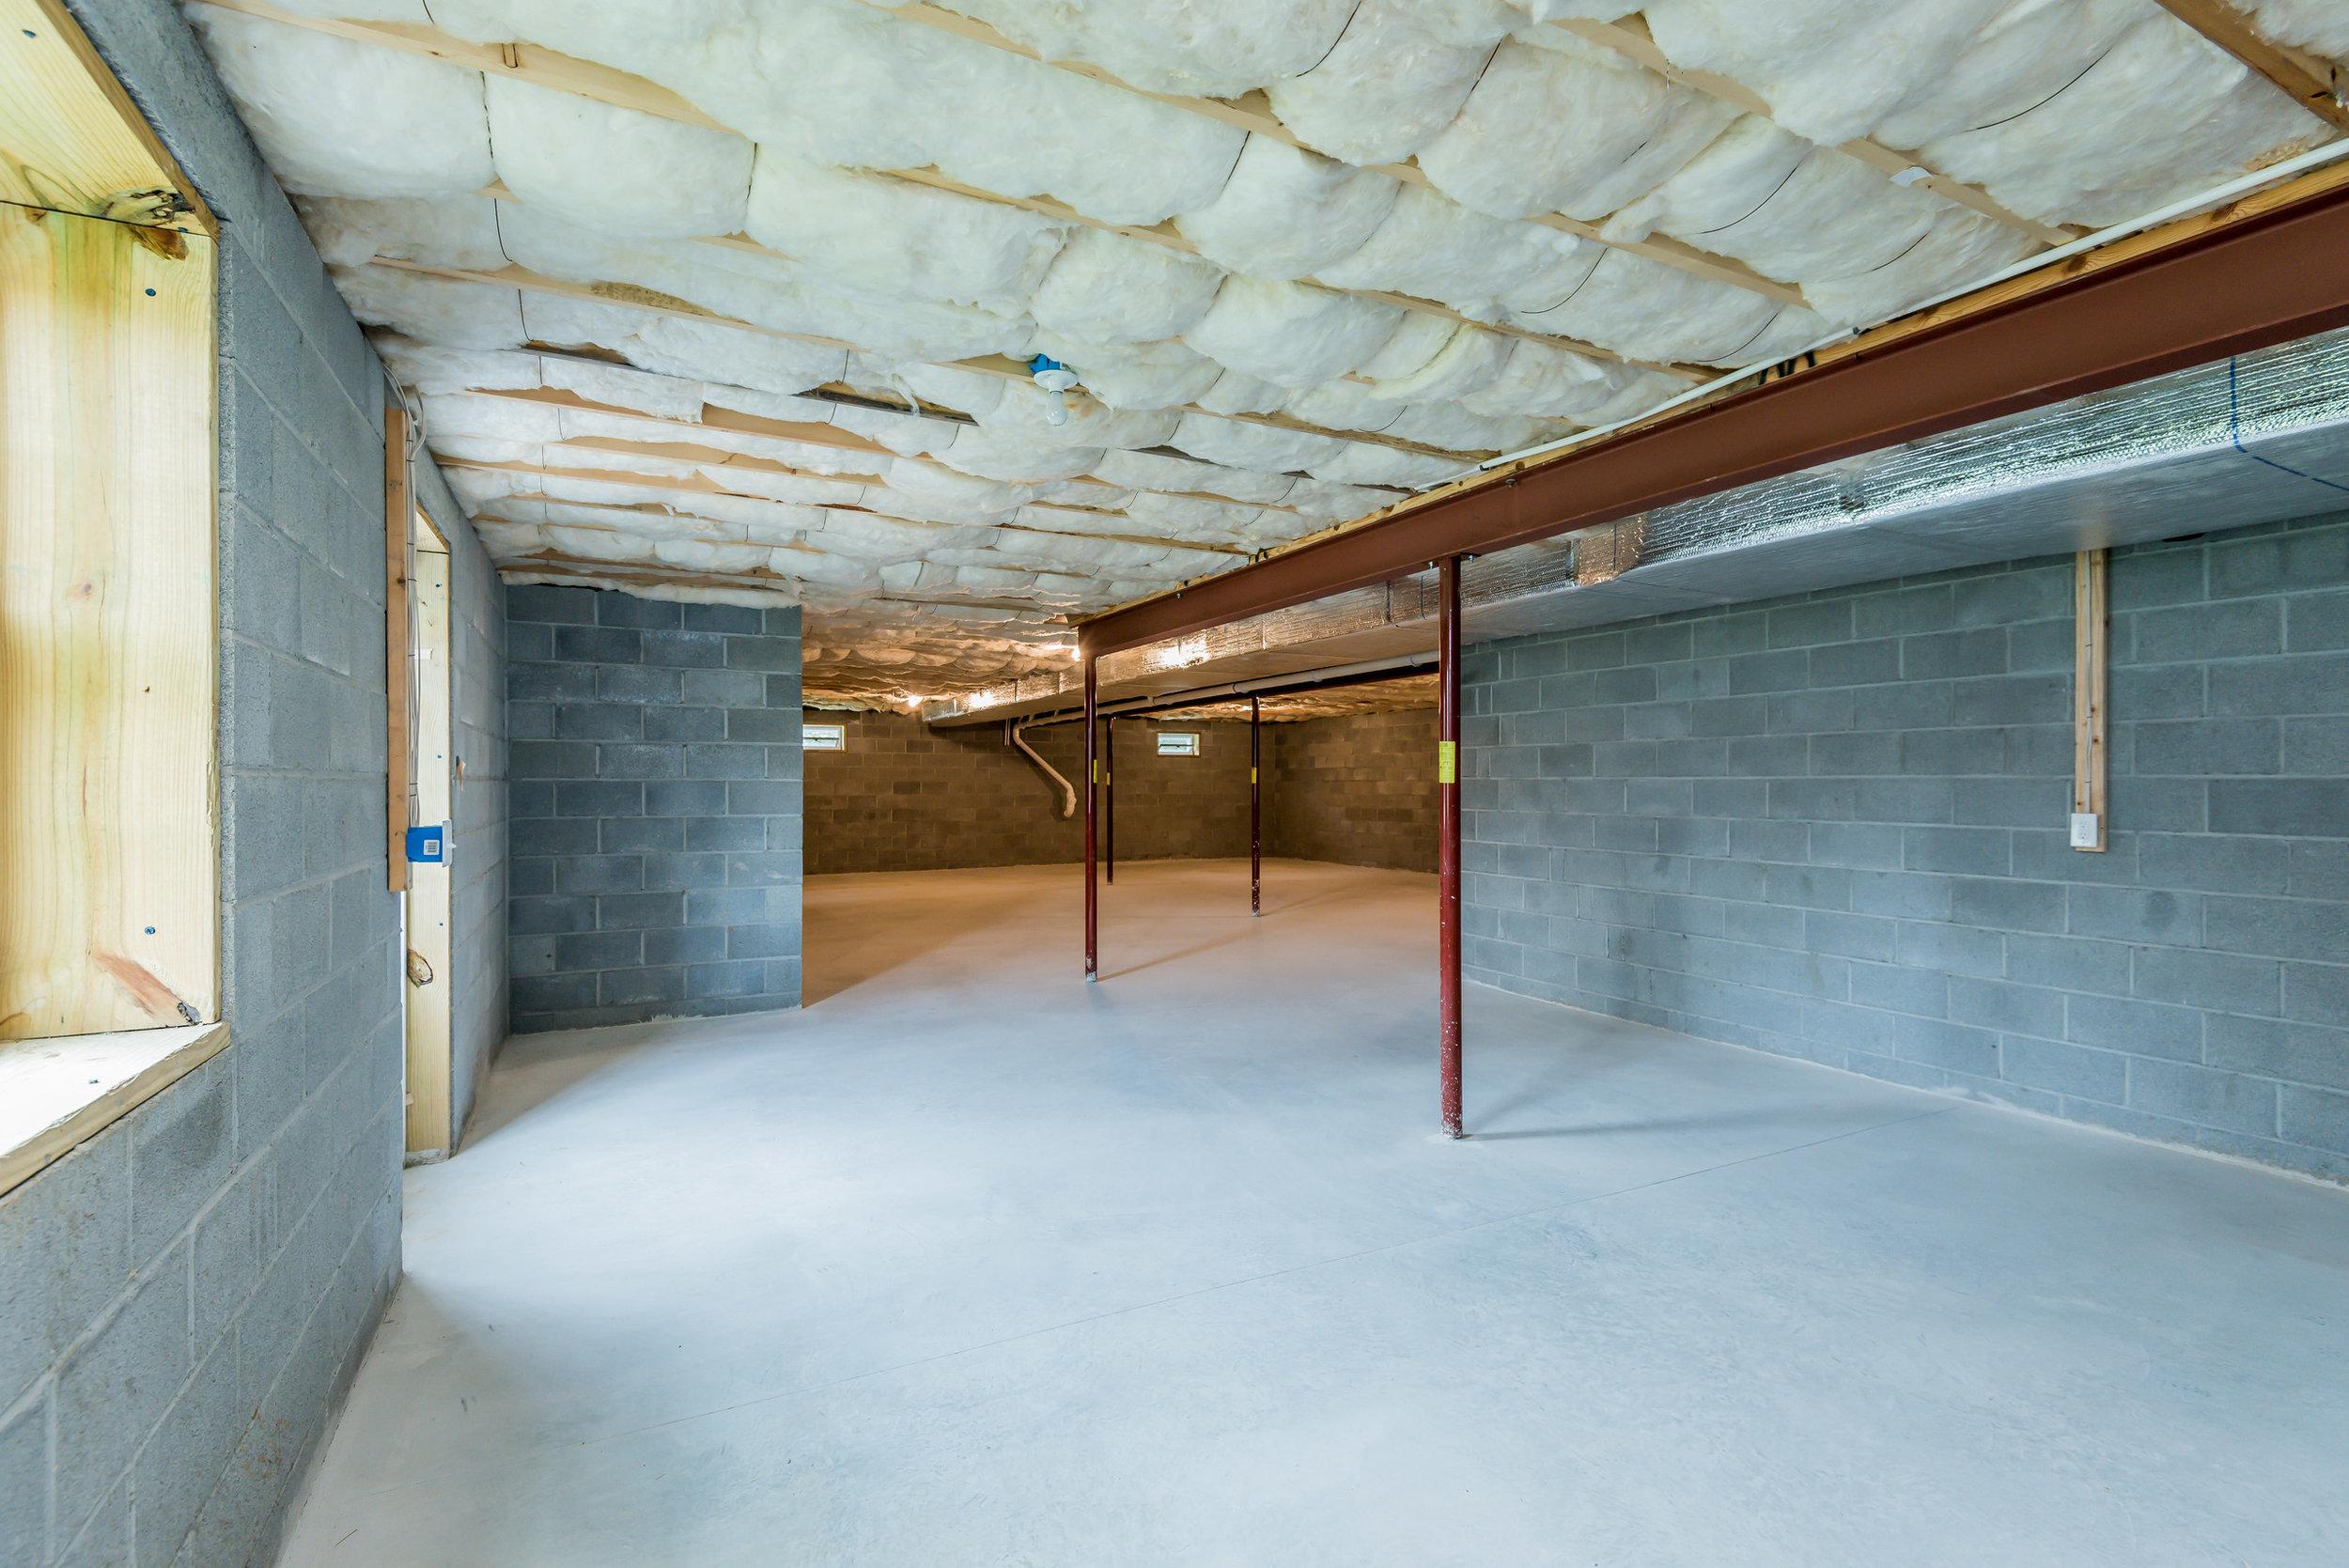 basement_1_of_1_-2.jpg